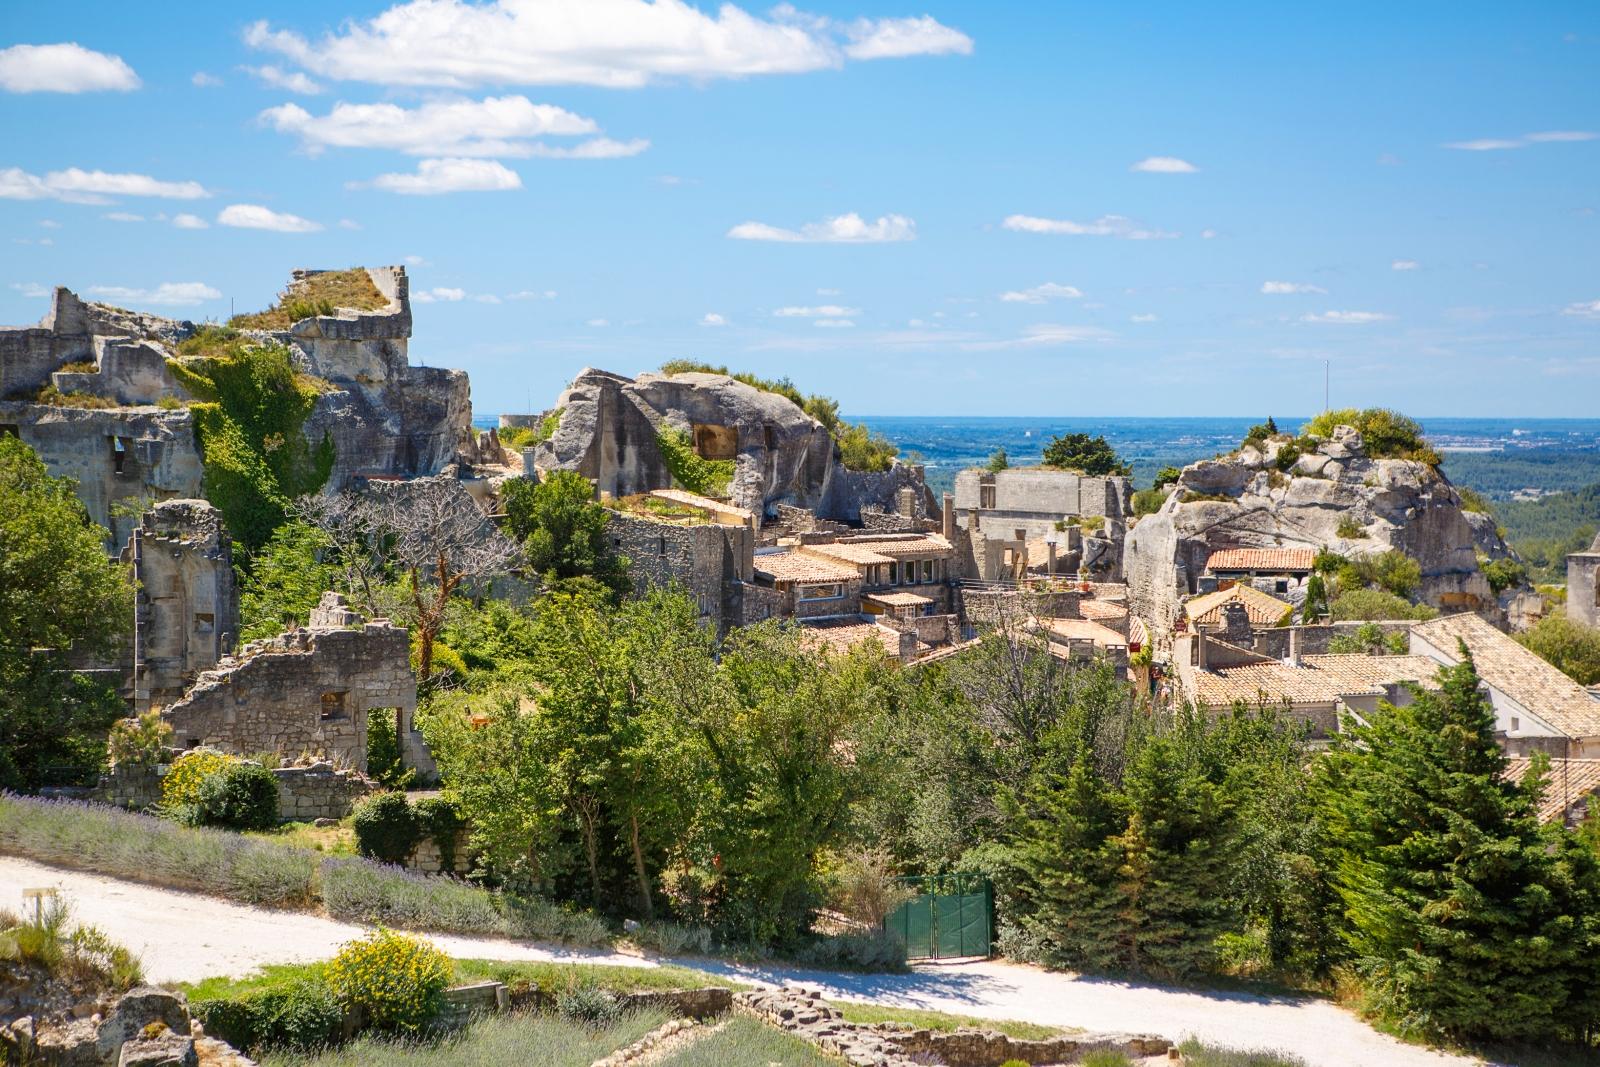 Les Baux De Provence Sch Ne Burgruine Provence